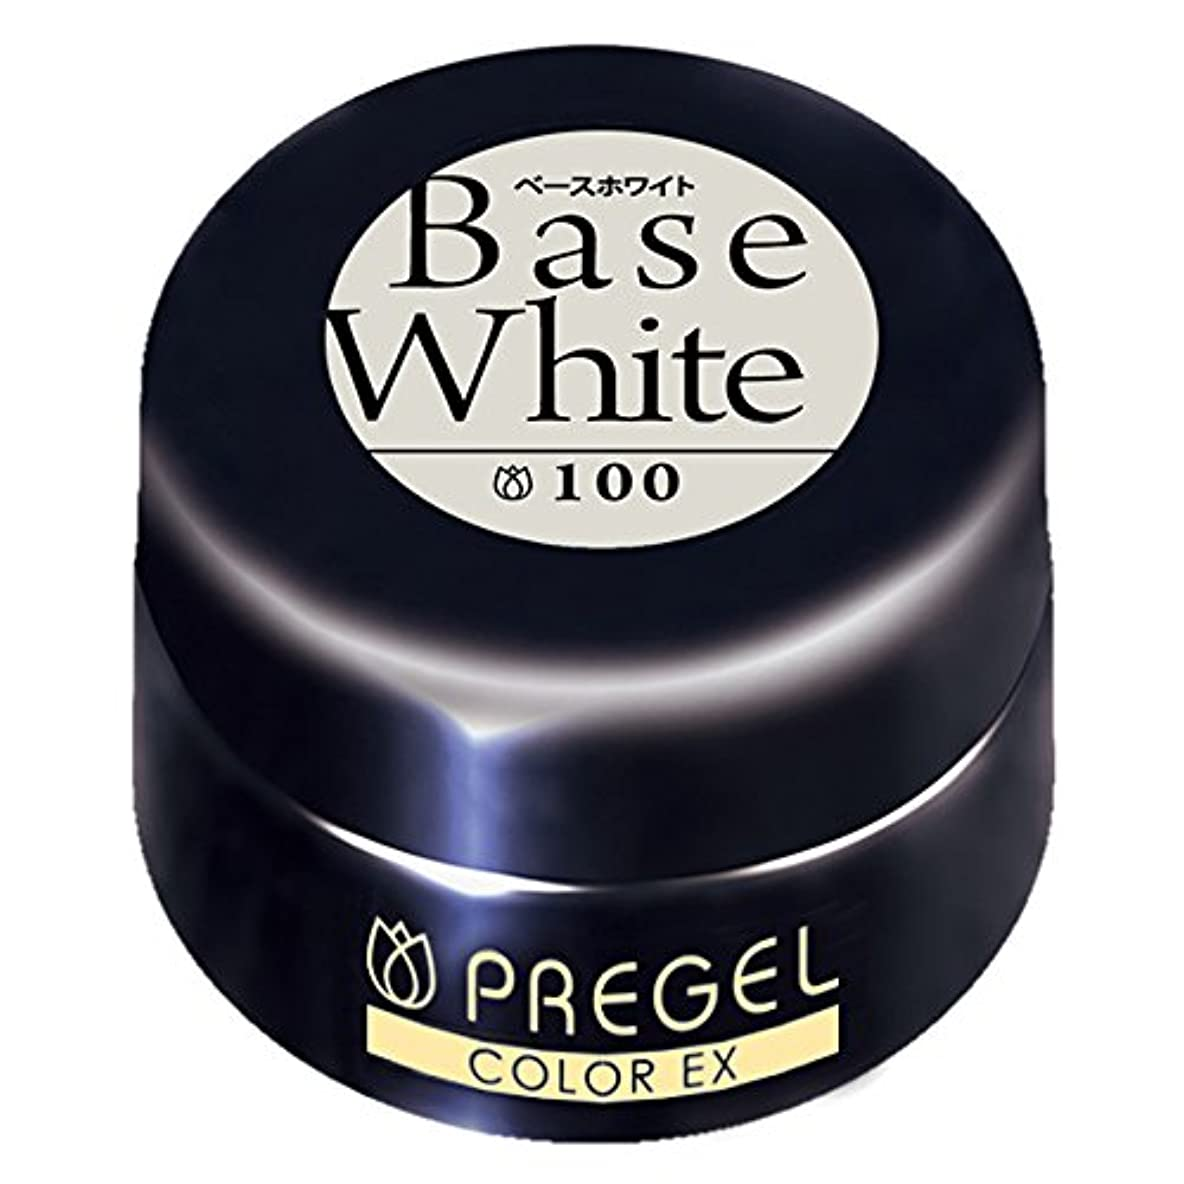 ゆるい最大おもてなしプリジェル ジェルネイル プリジェル ジェルネイル カラーEX ベースホワイト100 4g カラージェル UV/LED対応